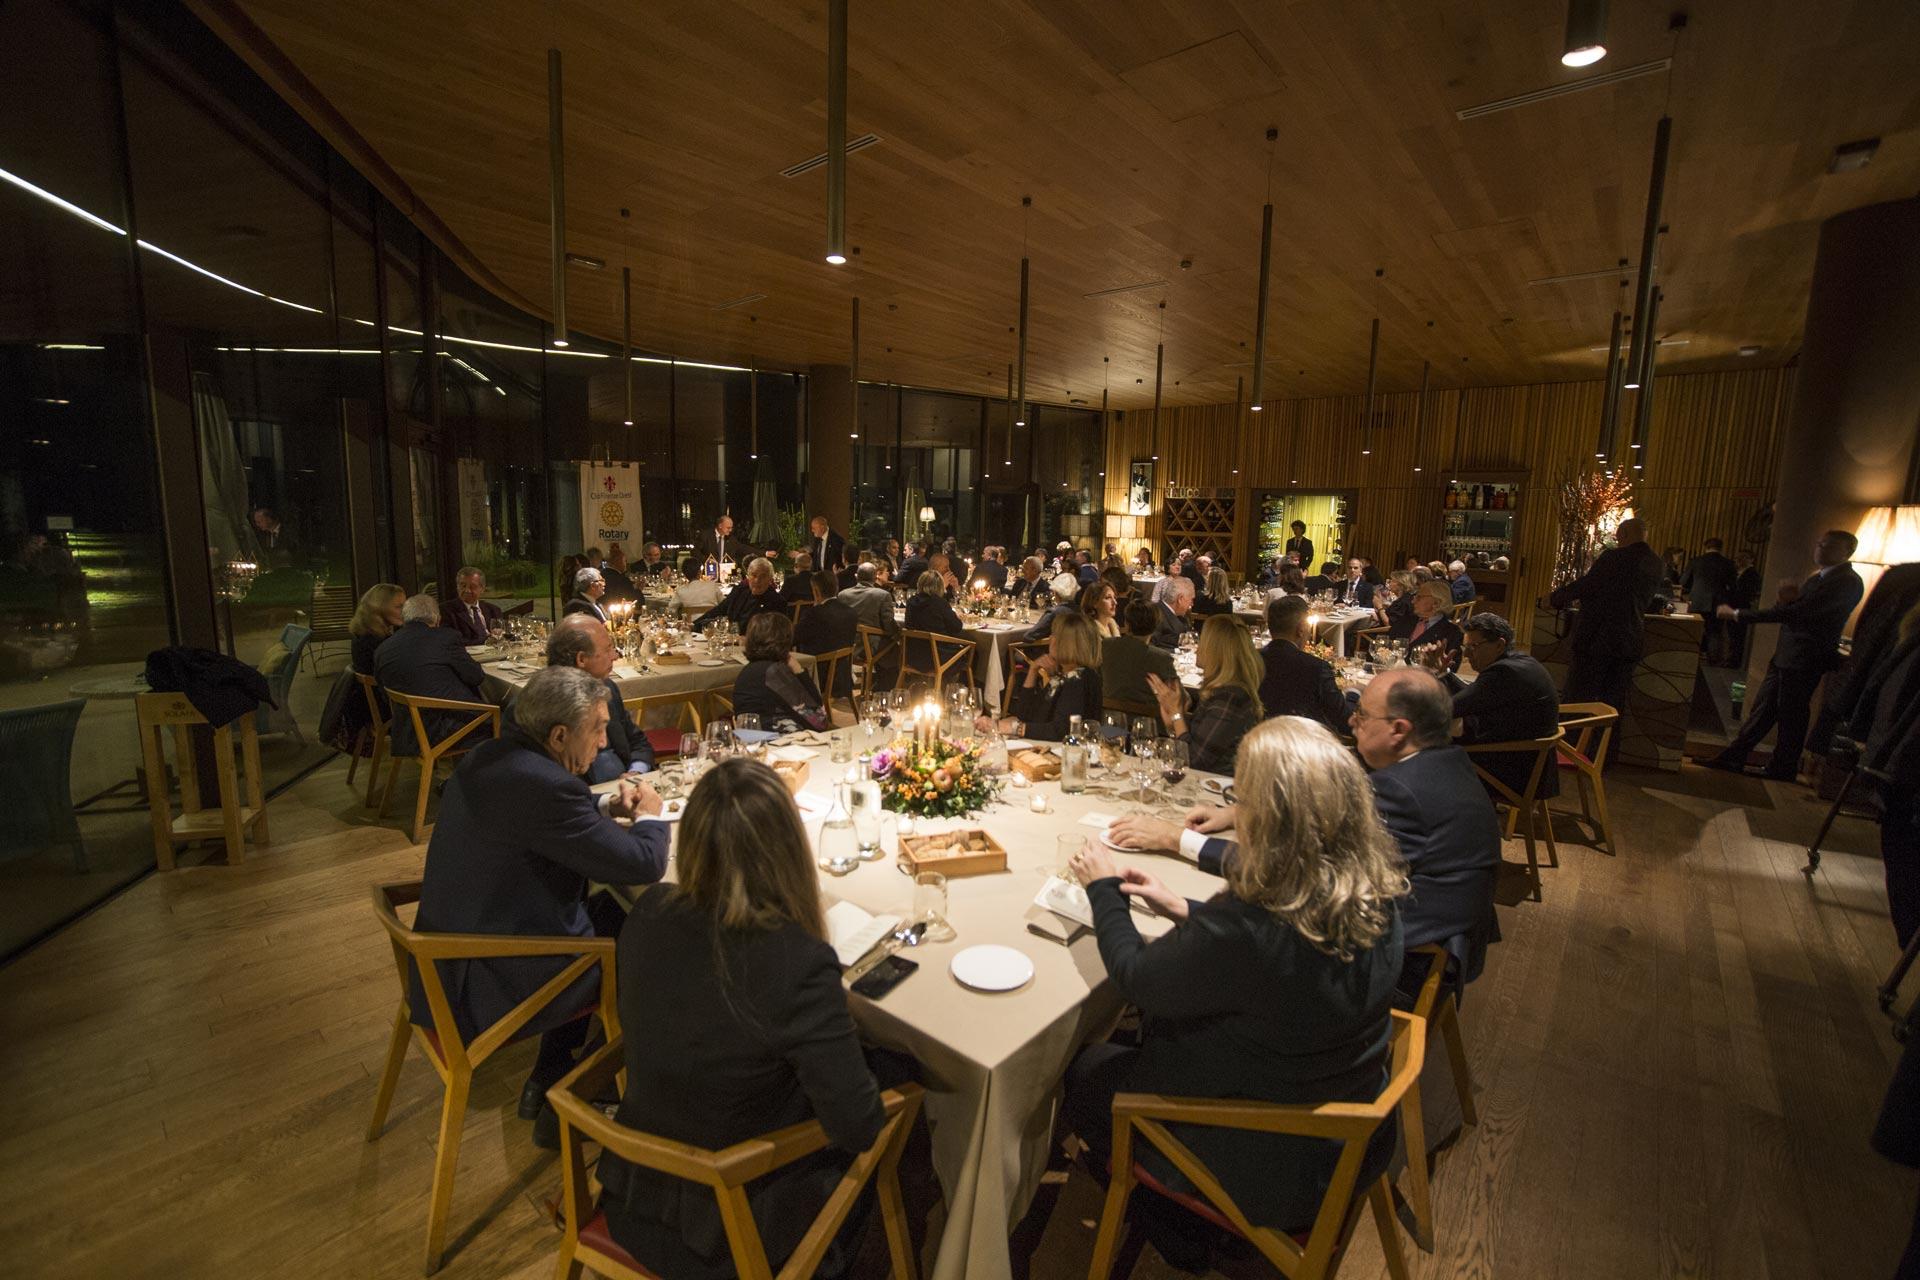 La sala del ristorante Rinuccio 1180, presso le cantine Antinori nel Chianti Classico, dove il Rotarian Gourmet è stato presentato